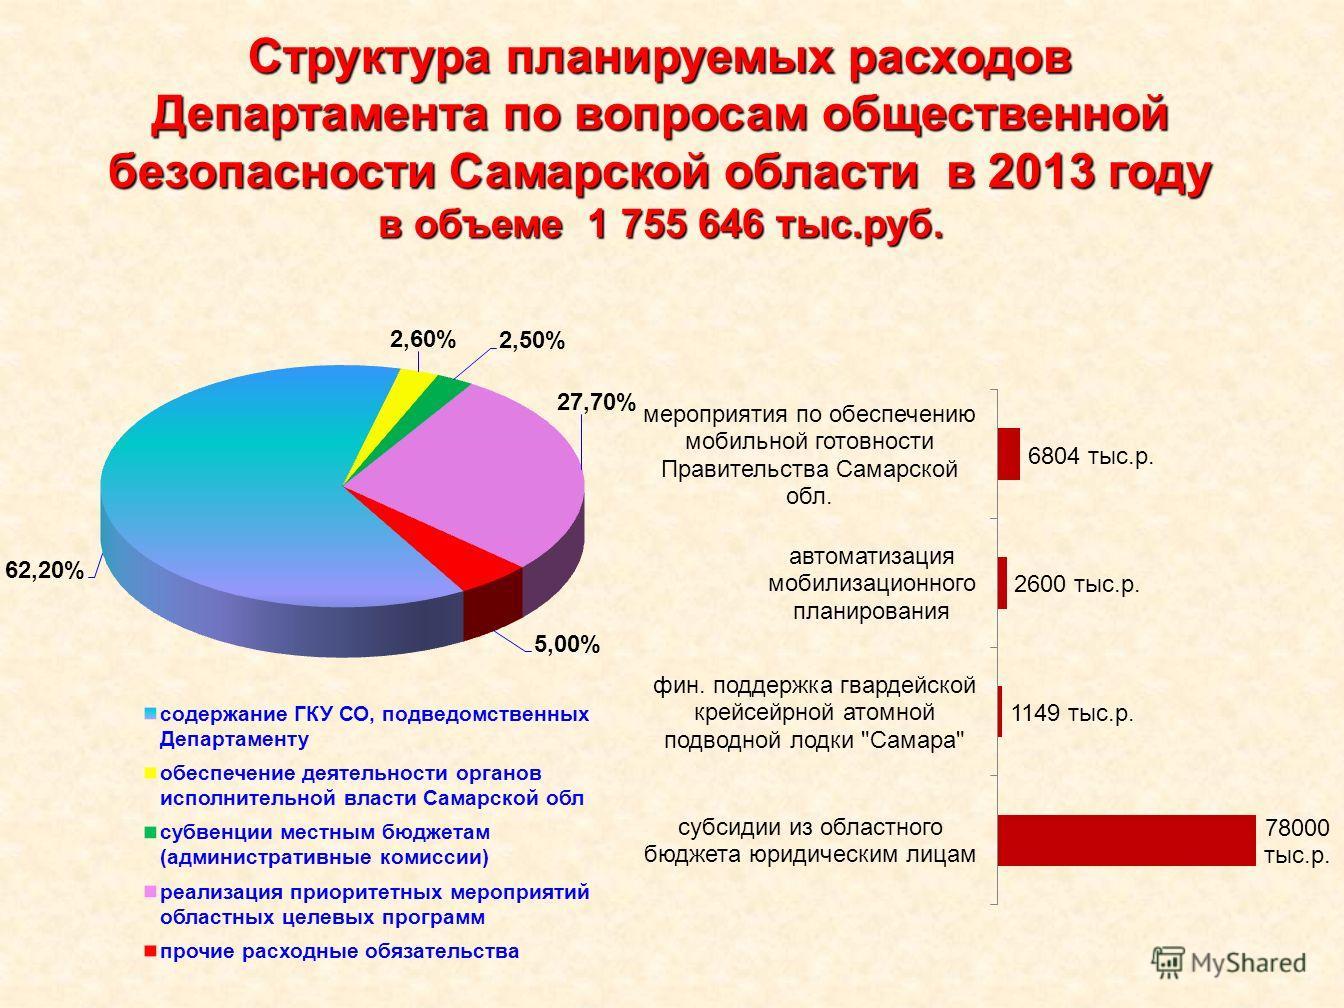 Структура планируемых расходов Департамента по вопросам общественной безопасности Самарской области в 2013 году в объеме 1 755 646 тыс.руб.